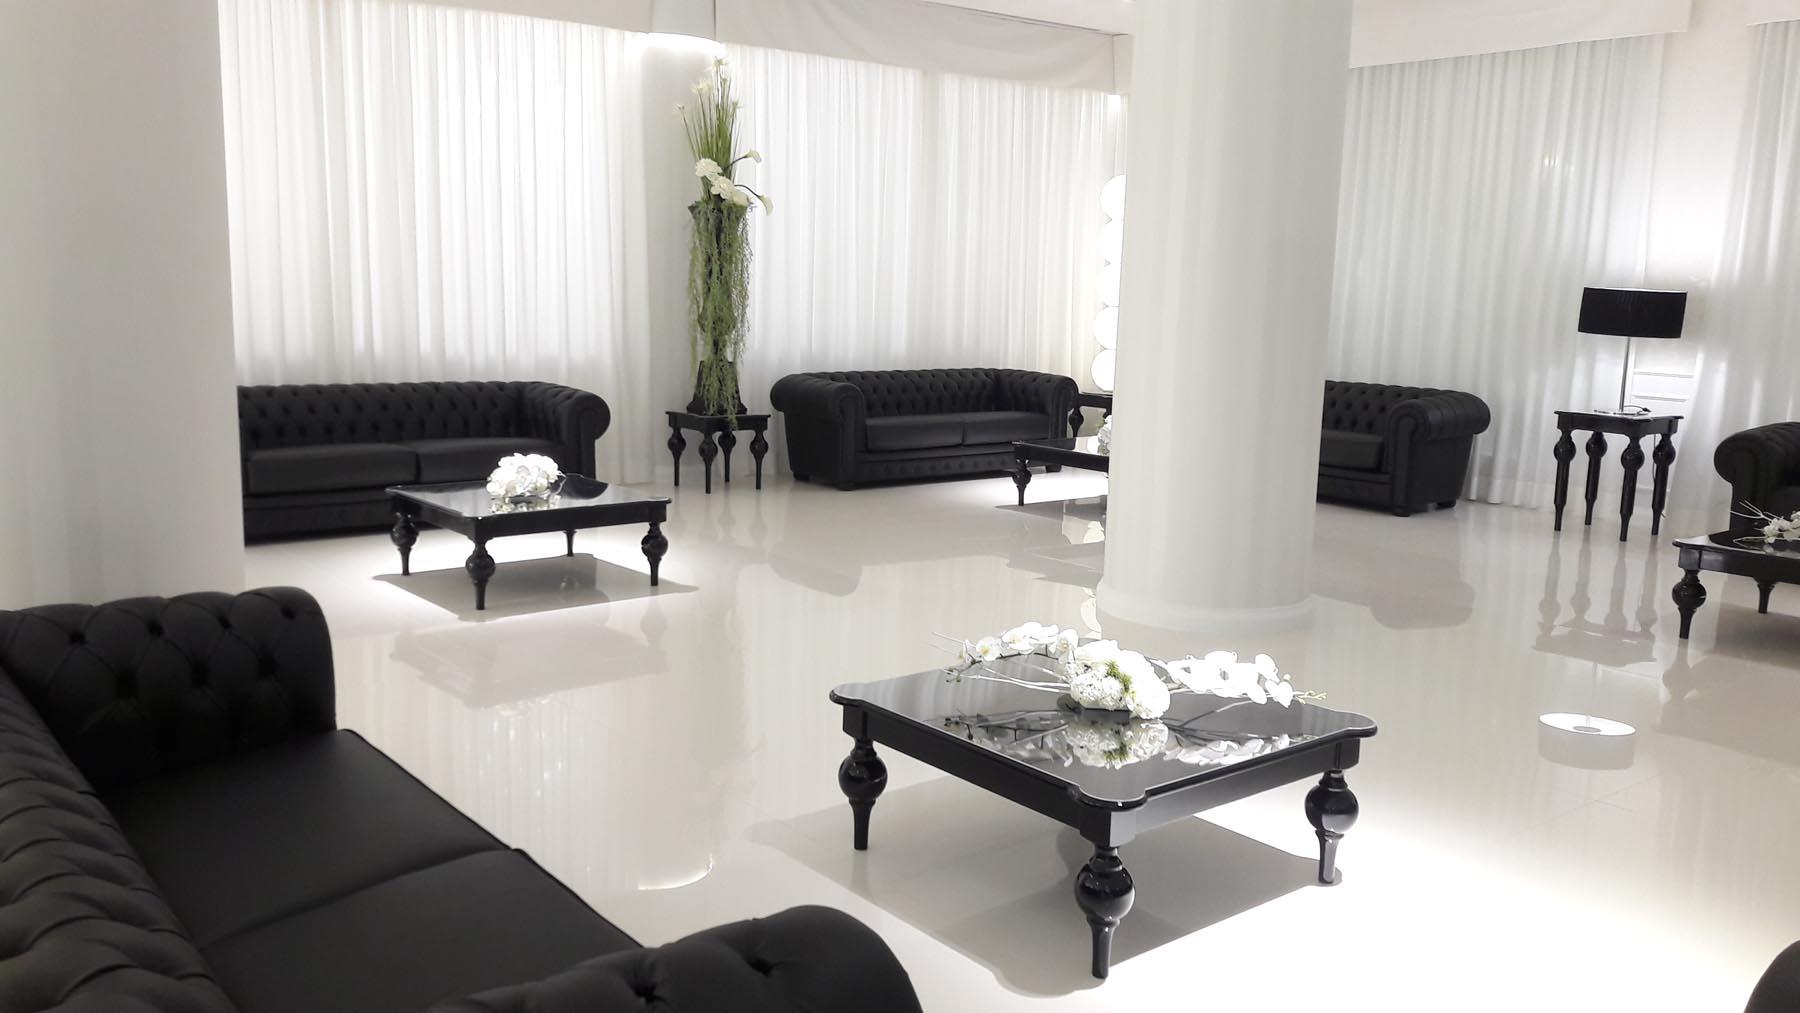 Dea Ebe Black e White in stile chanel (25)